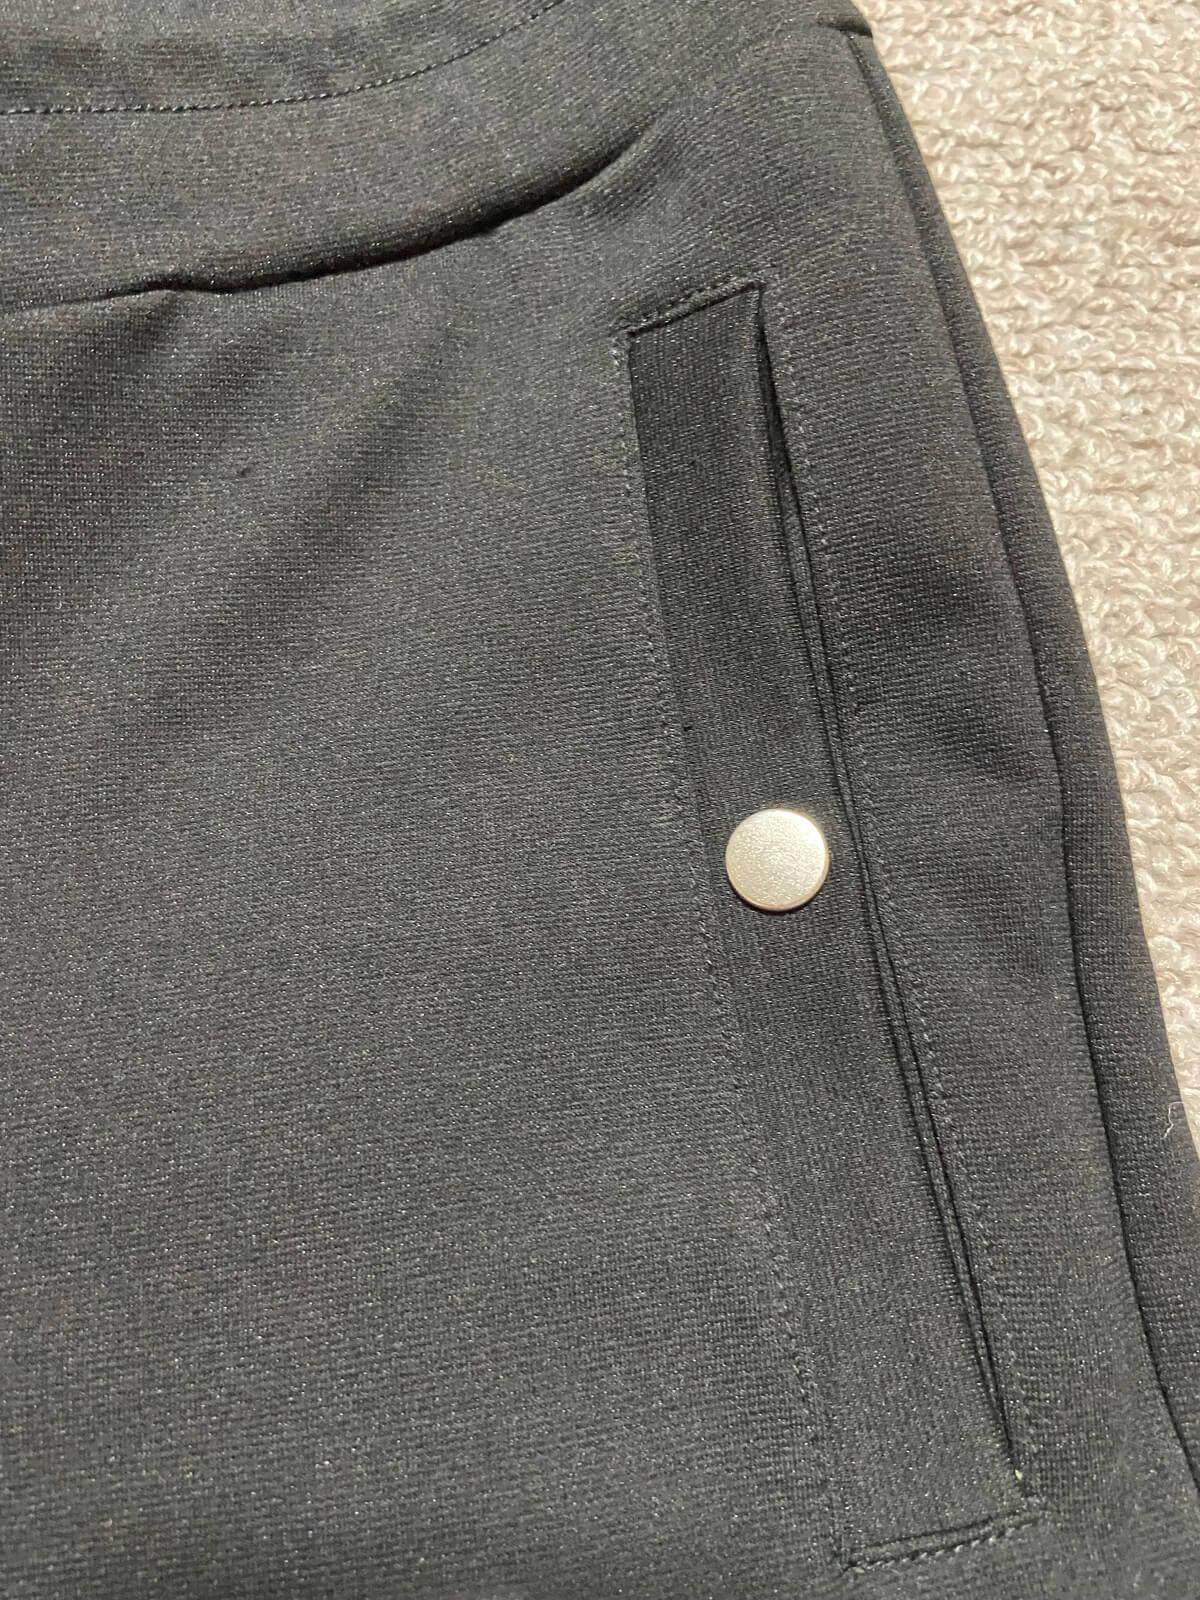 クロノスパンツ腰ポケット